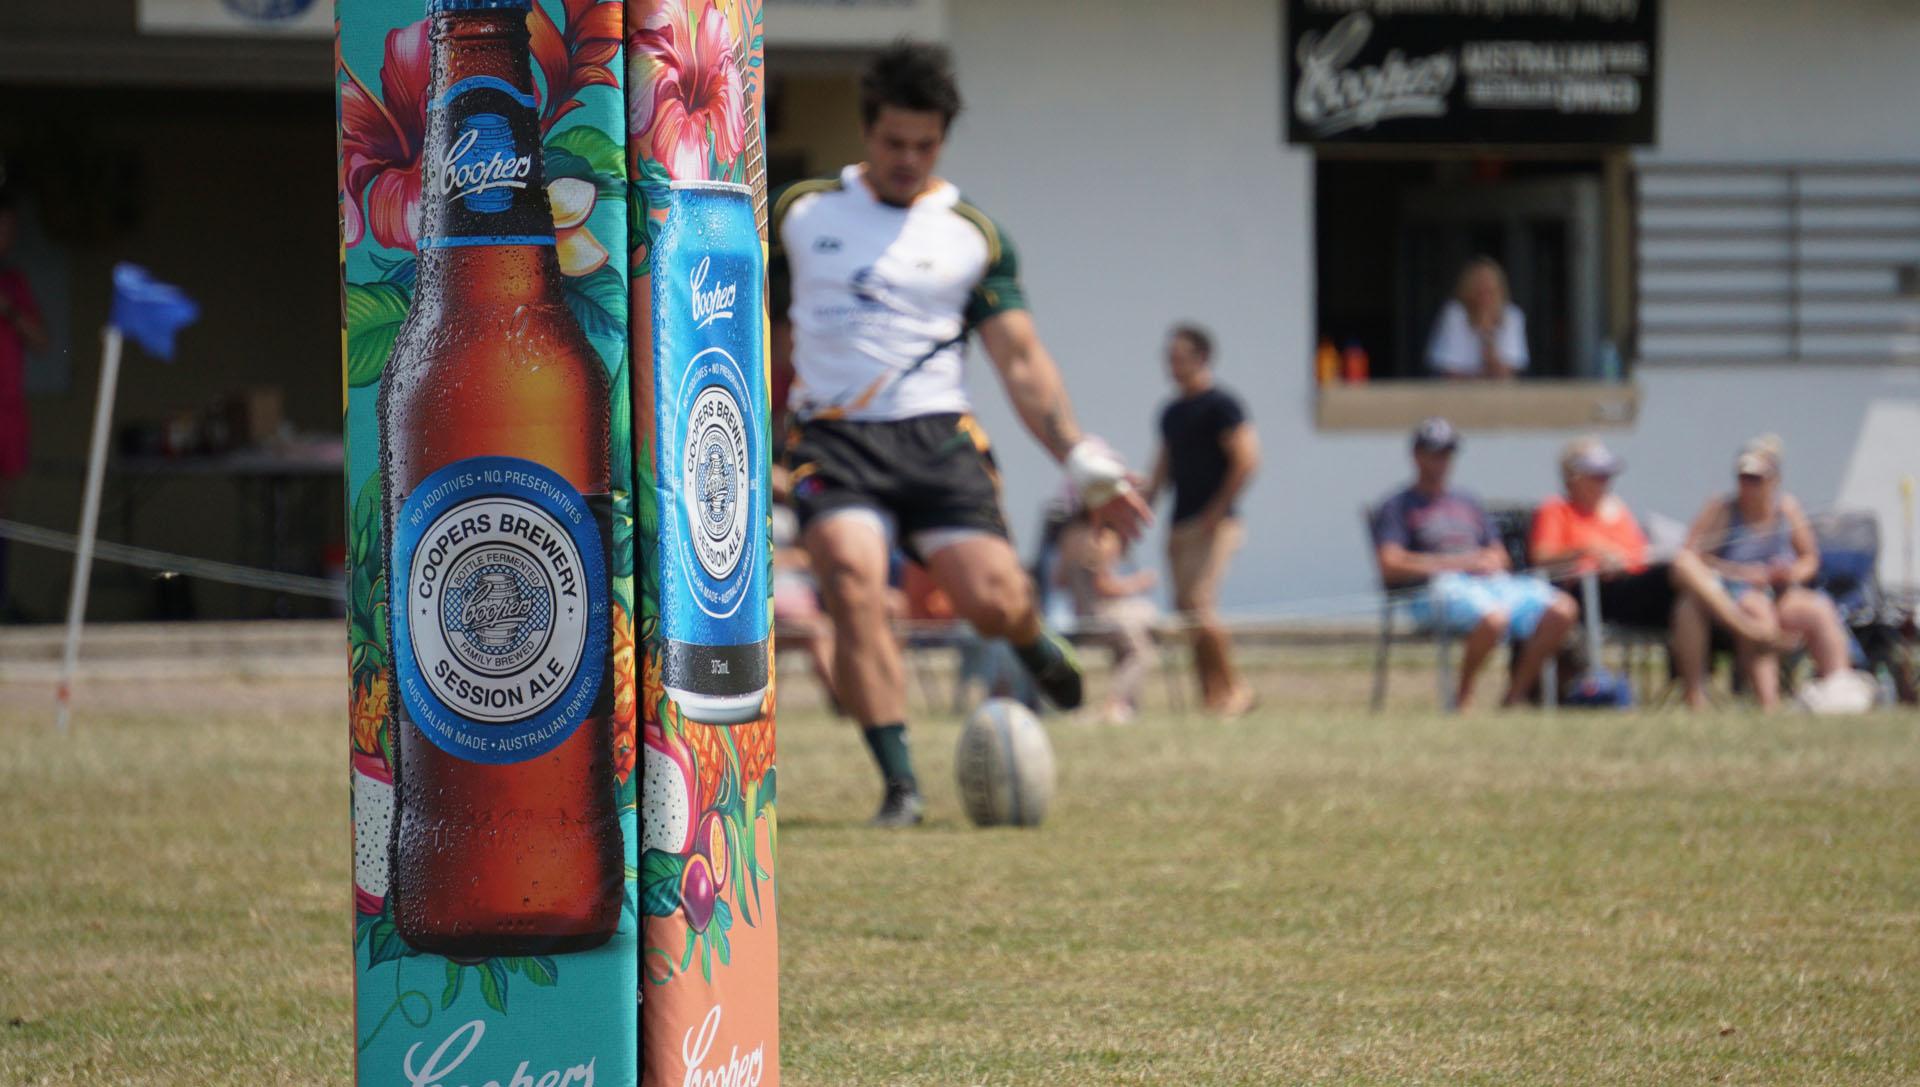 191019-20_Byron Bay Rugby 7s 2019_146